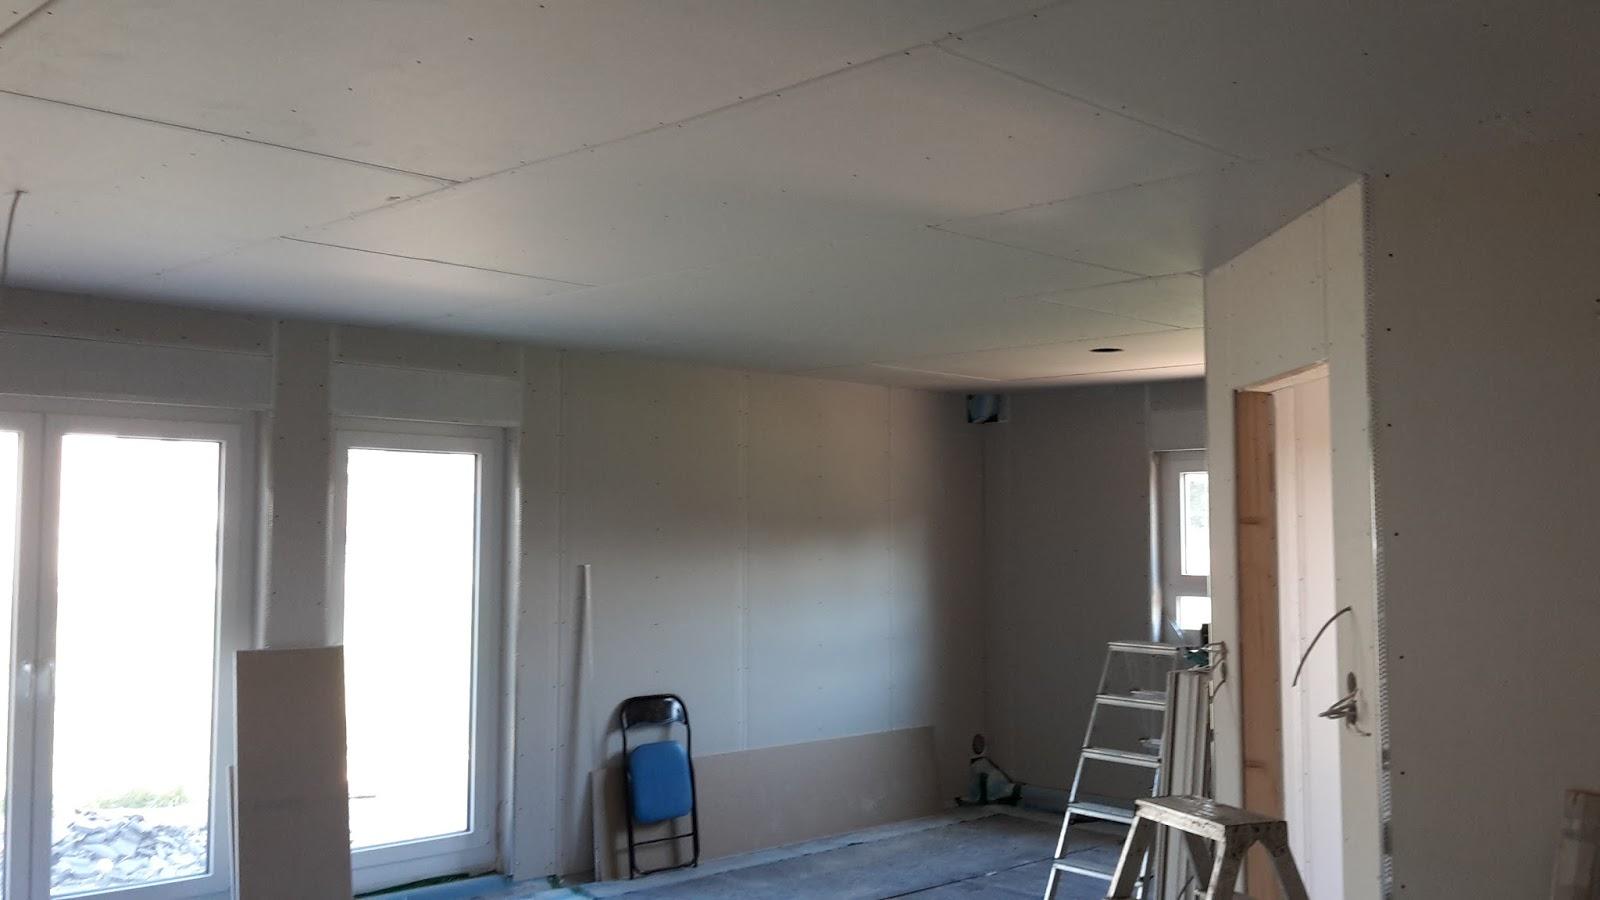 decke abh ngen system decke abh ngen mit gipskartonplatten von hornbach decke abh ngen. Black Bedroom Furniture Sets. Home Design Ideas